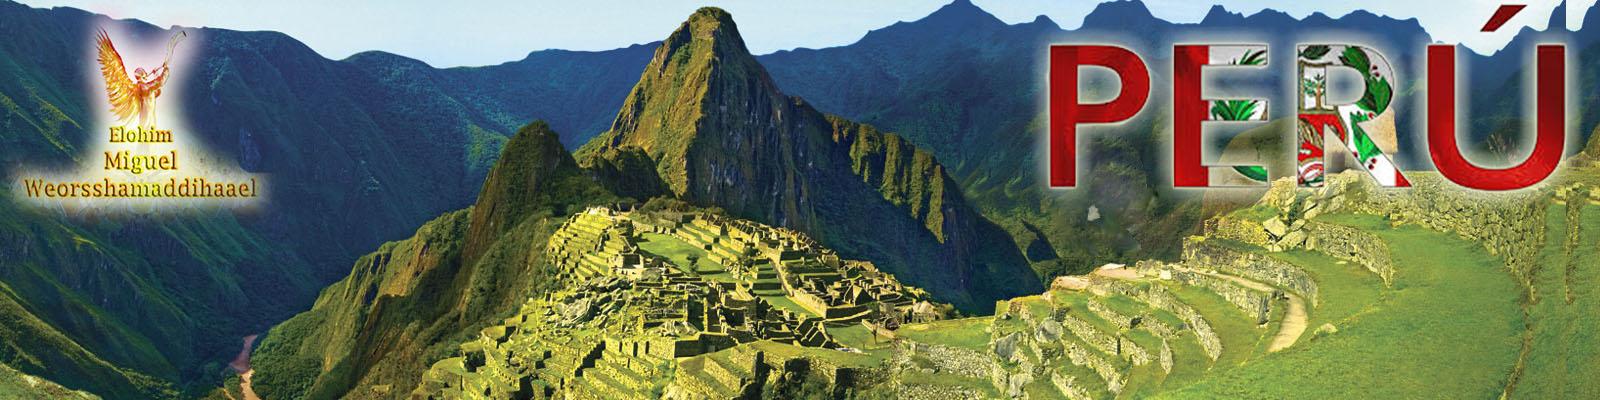 Llega la bendición del Arkangel Miguel y el Elohim Kúmido a Perú